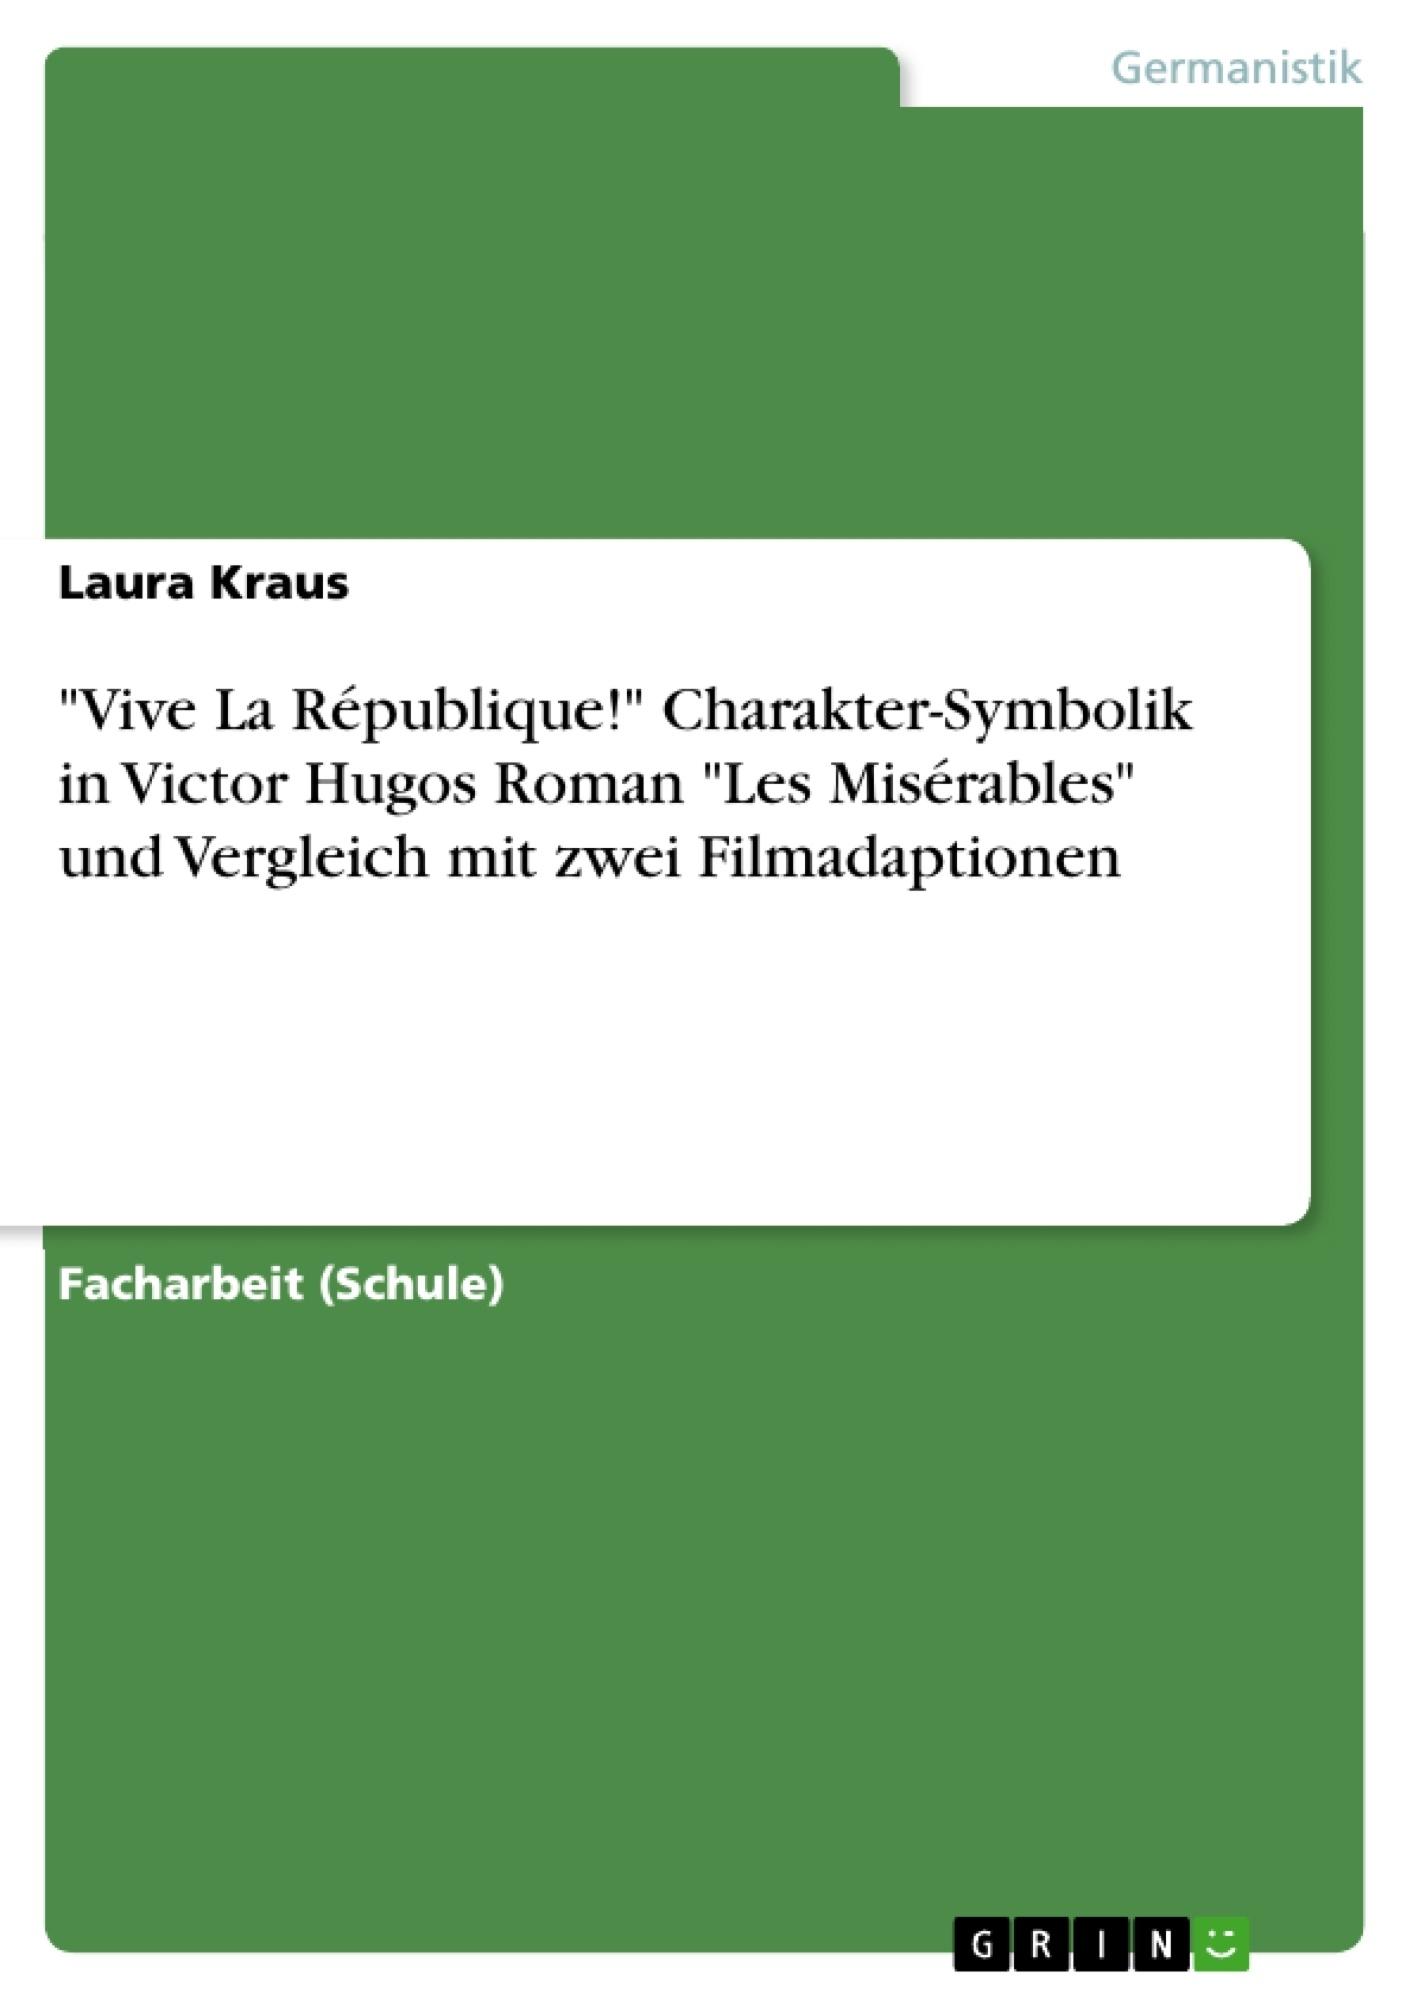 """Titel: """"Vive La République!"""" Charakter-Symbolik in Victor Hugos Roman """"Les Misérables"""" und Vergleich mit zwei Filmadaptionen"""